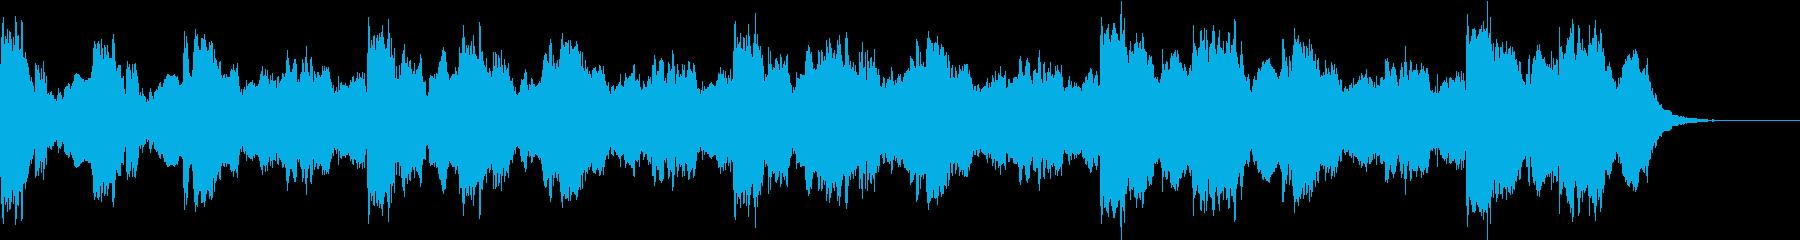 空気感・近代的・おしゃれジングルの再生済みの波形